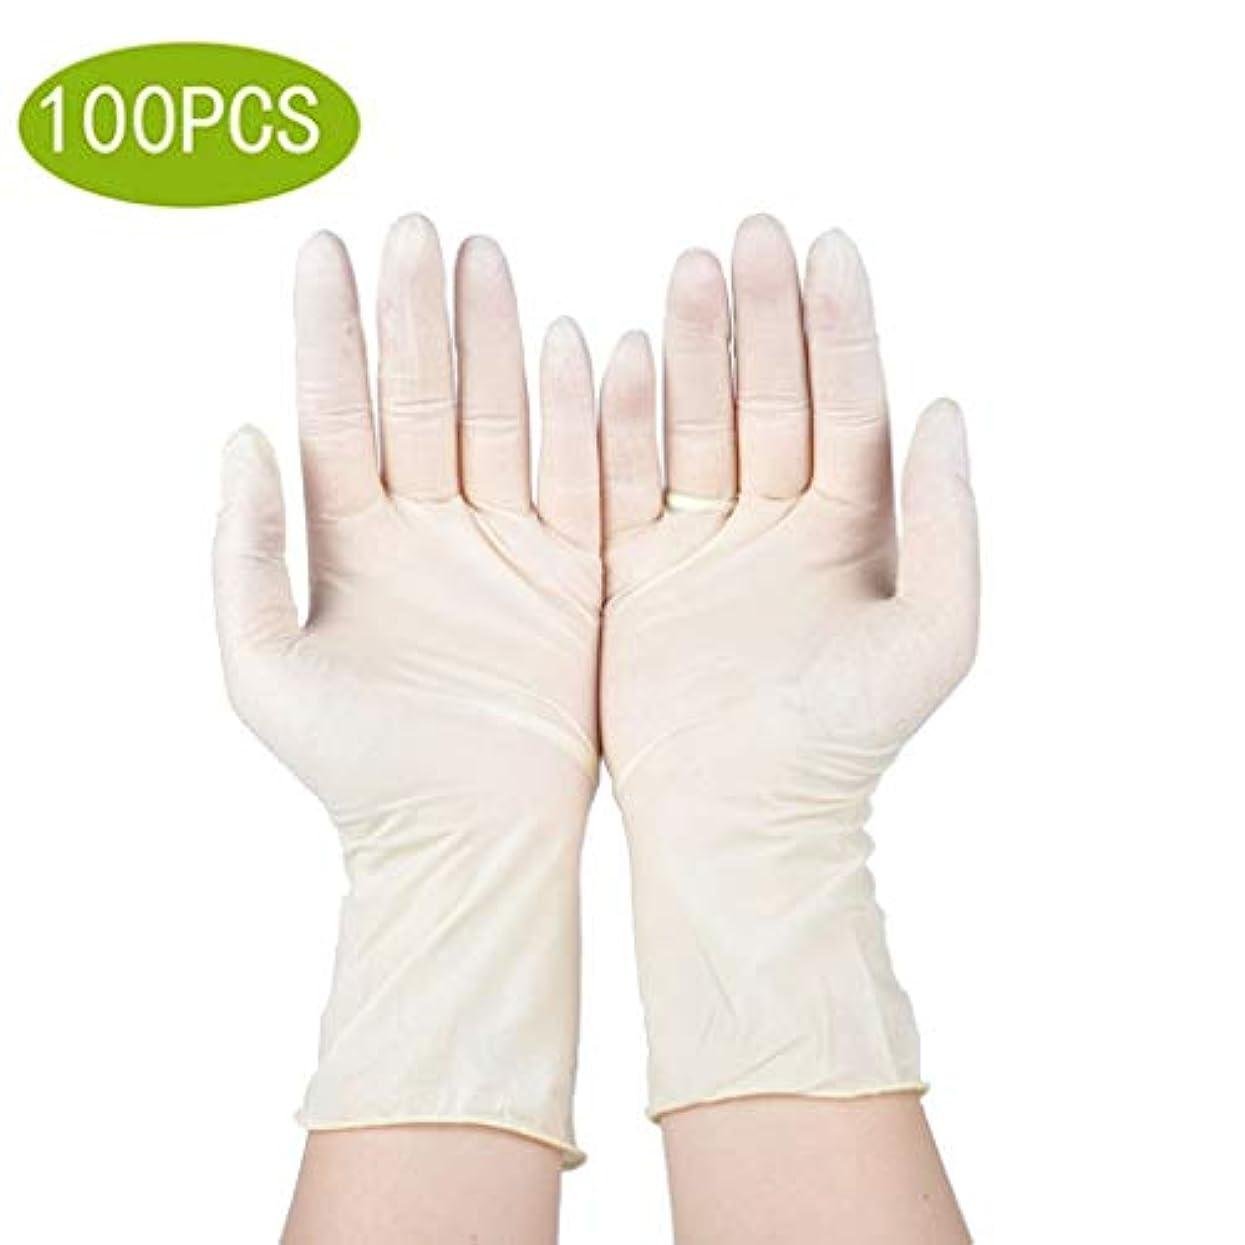 ニトリル手袋義務使い捨てビニール手袋、100カウント、特大 - パウダーフリー、両性、極度の快適さ、特別に強く、丈夫で伸縮性がある、医療、食品、マルチユース (Color : Latex Gloves, Size : M)